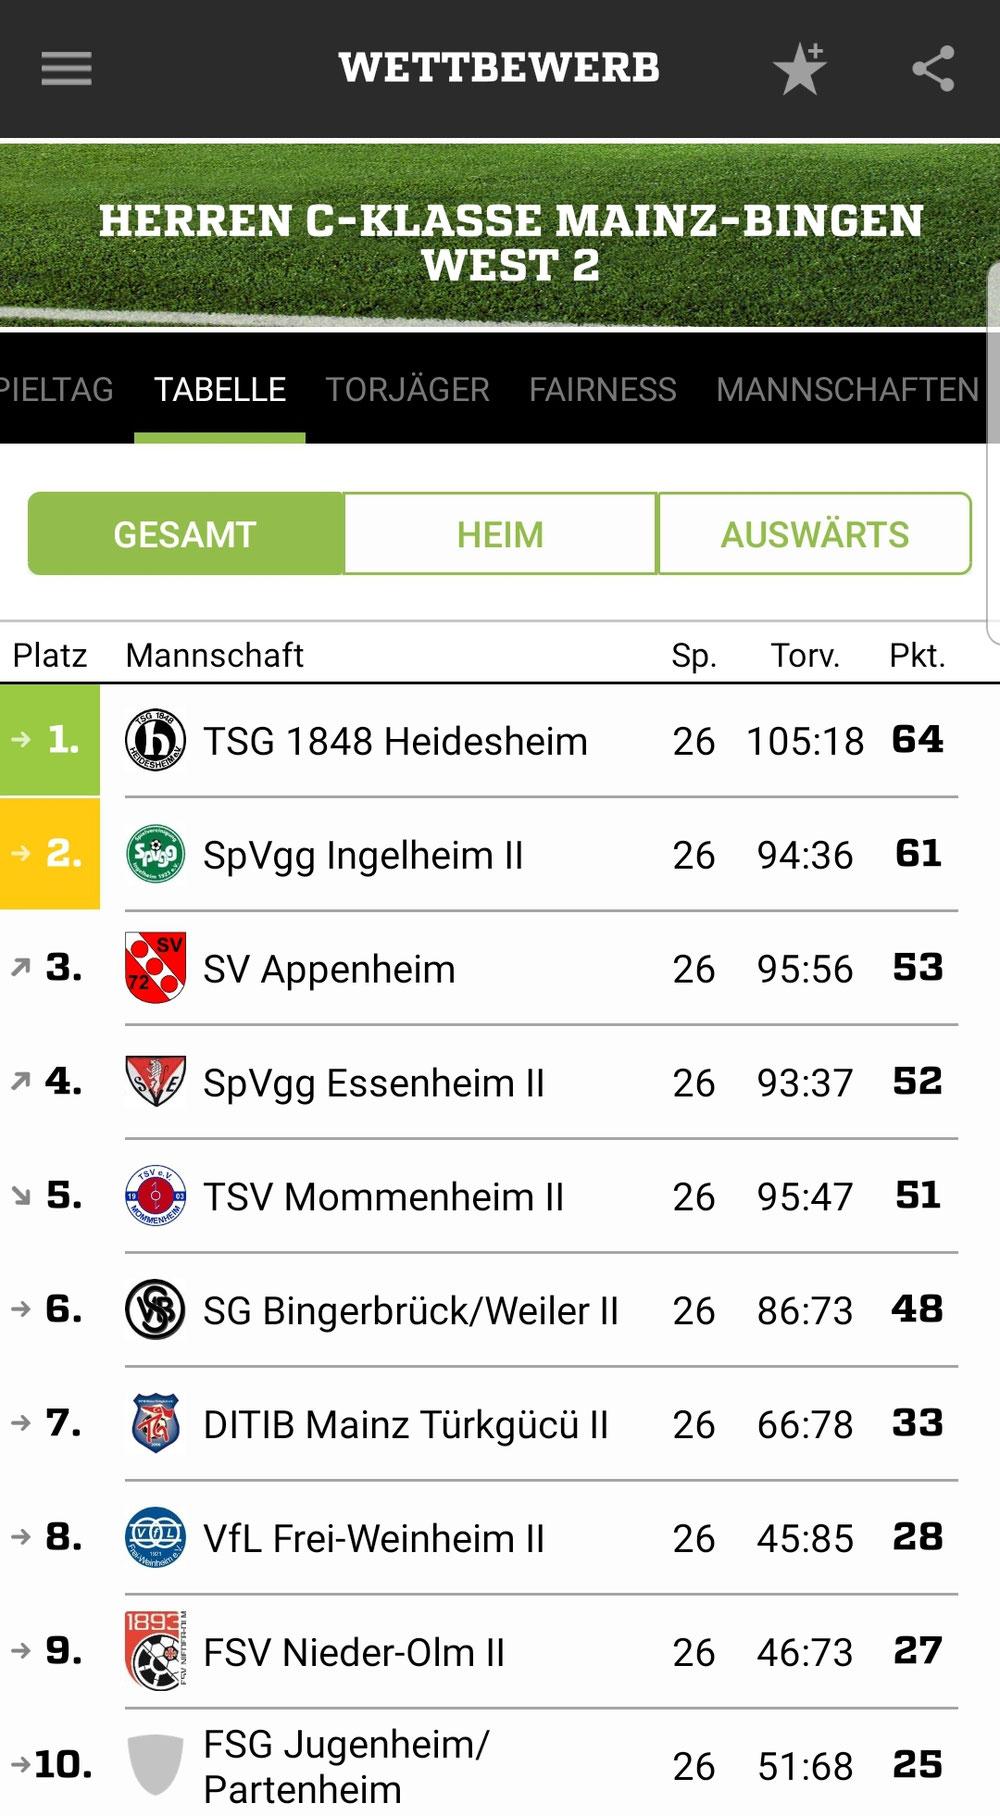 Abschlusstabelle C-Klasse Mainz-Bingen West 2, 2018/19; Quelle: fussball.de